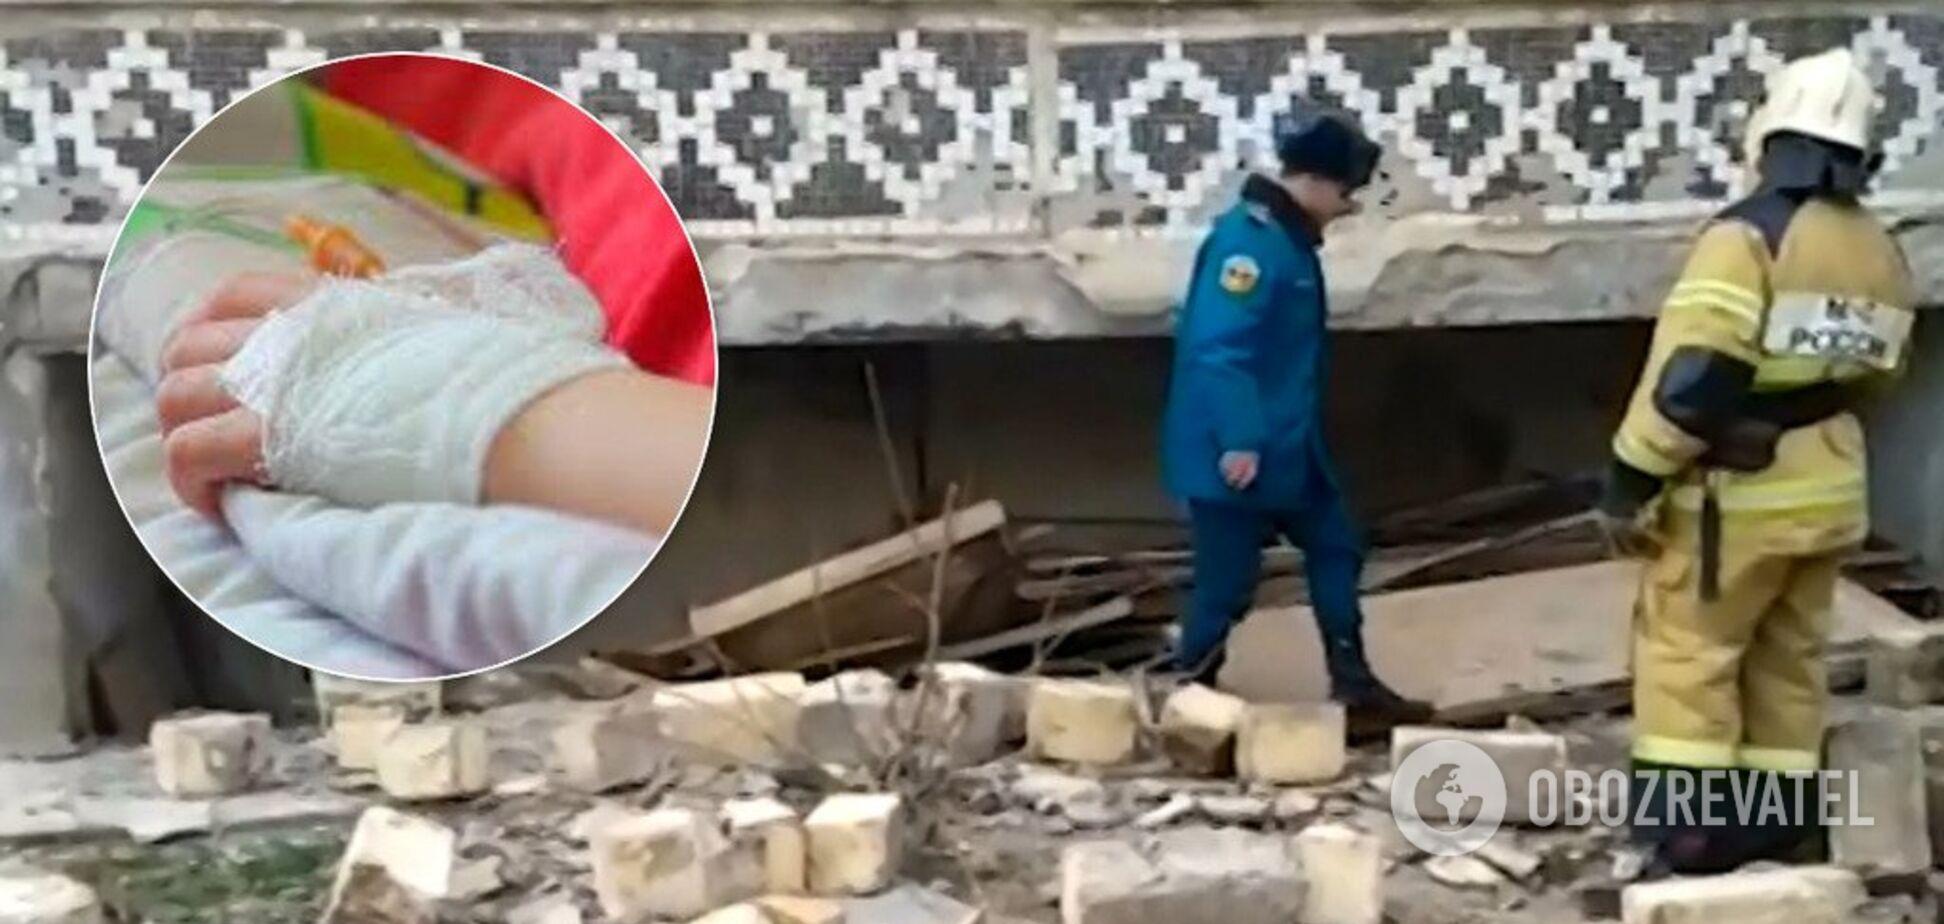 Вилетіла частина балкона: у Росії в багатоповерхівці вибухнув газ. Відео